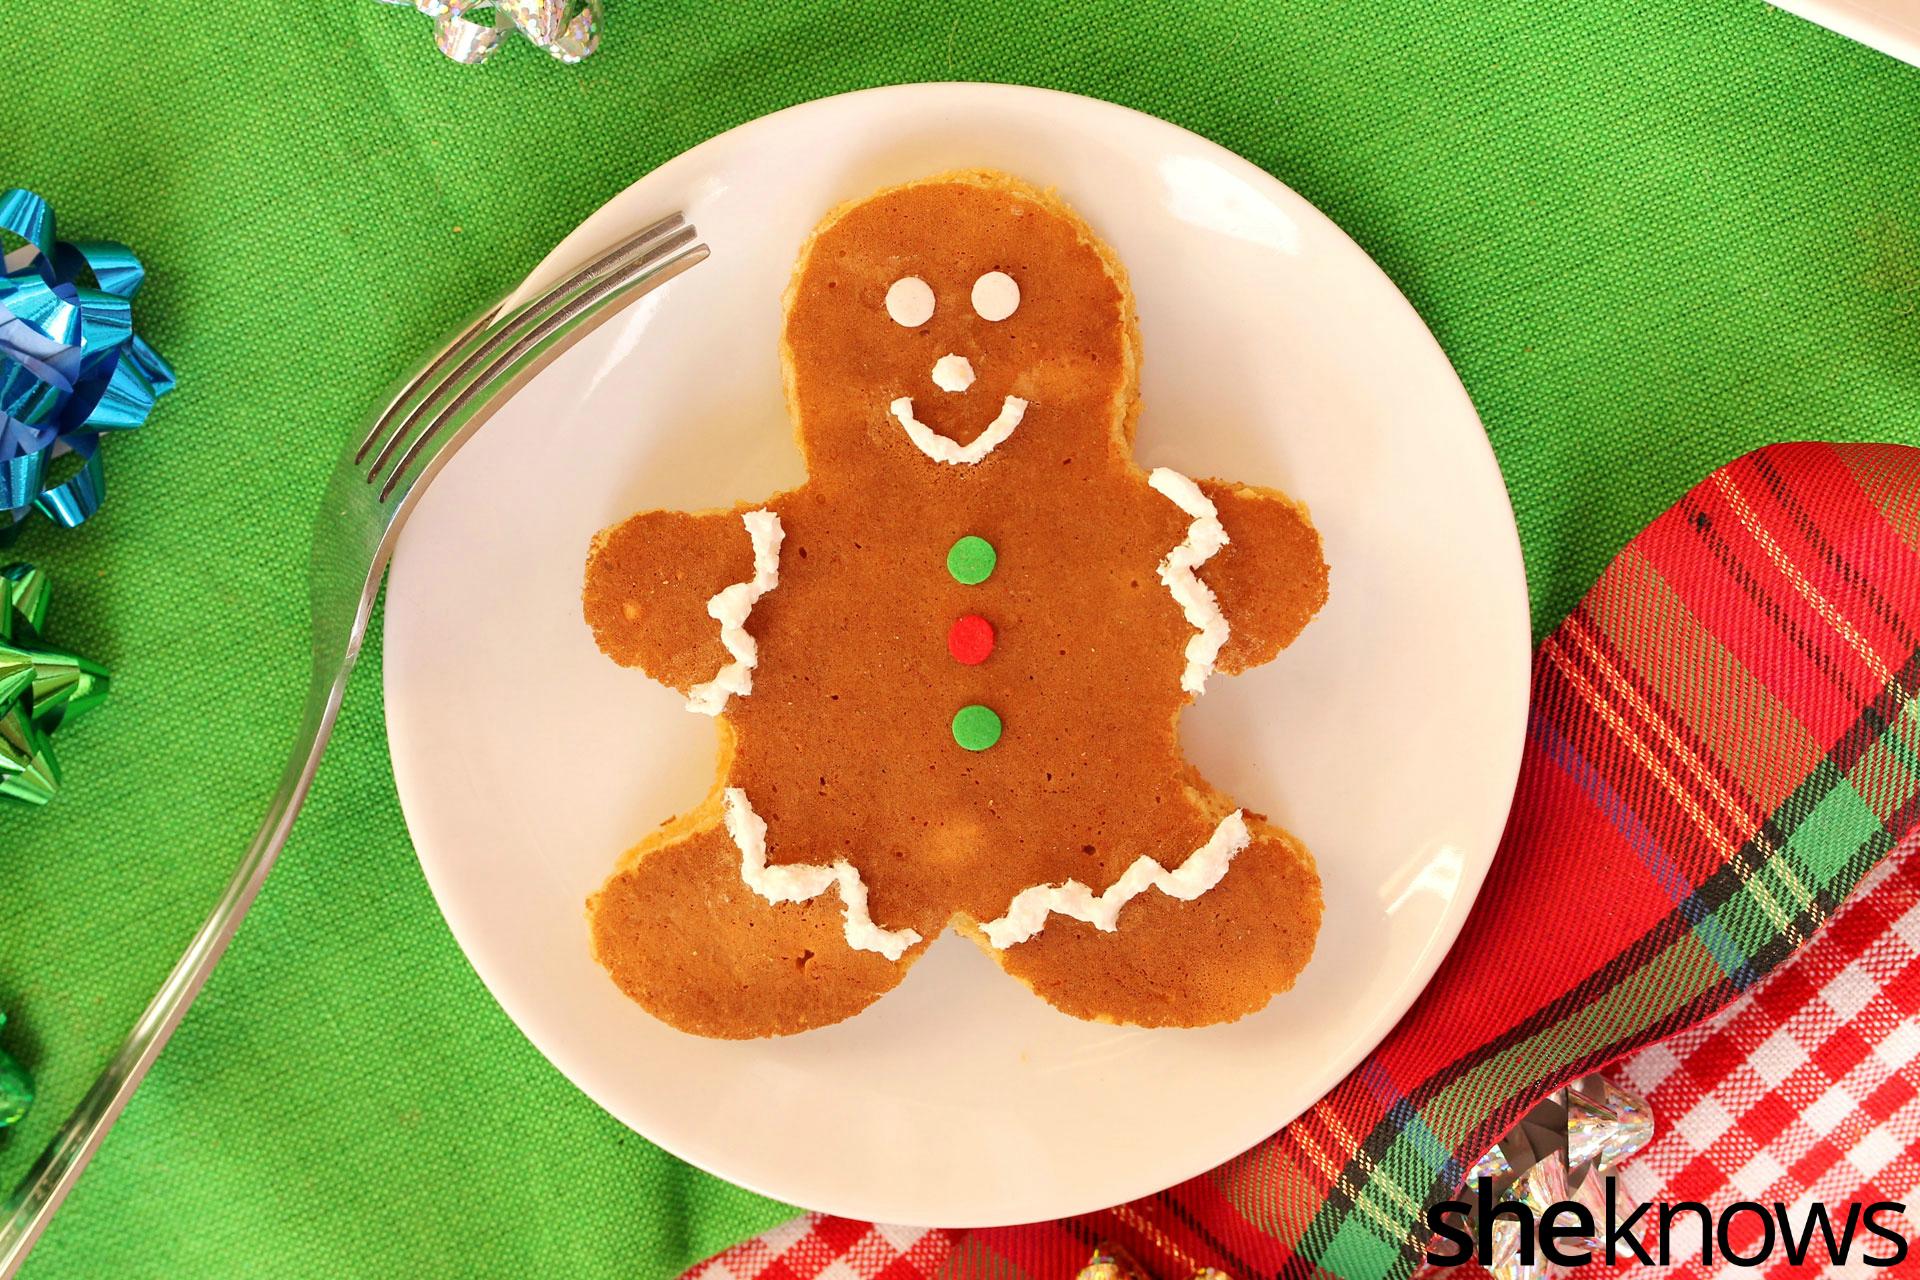 gingerbread-man-pancake-on-plate